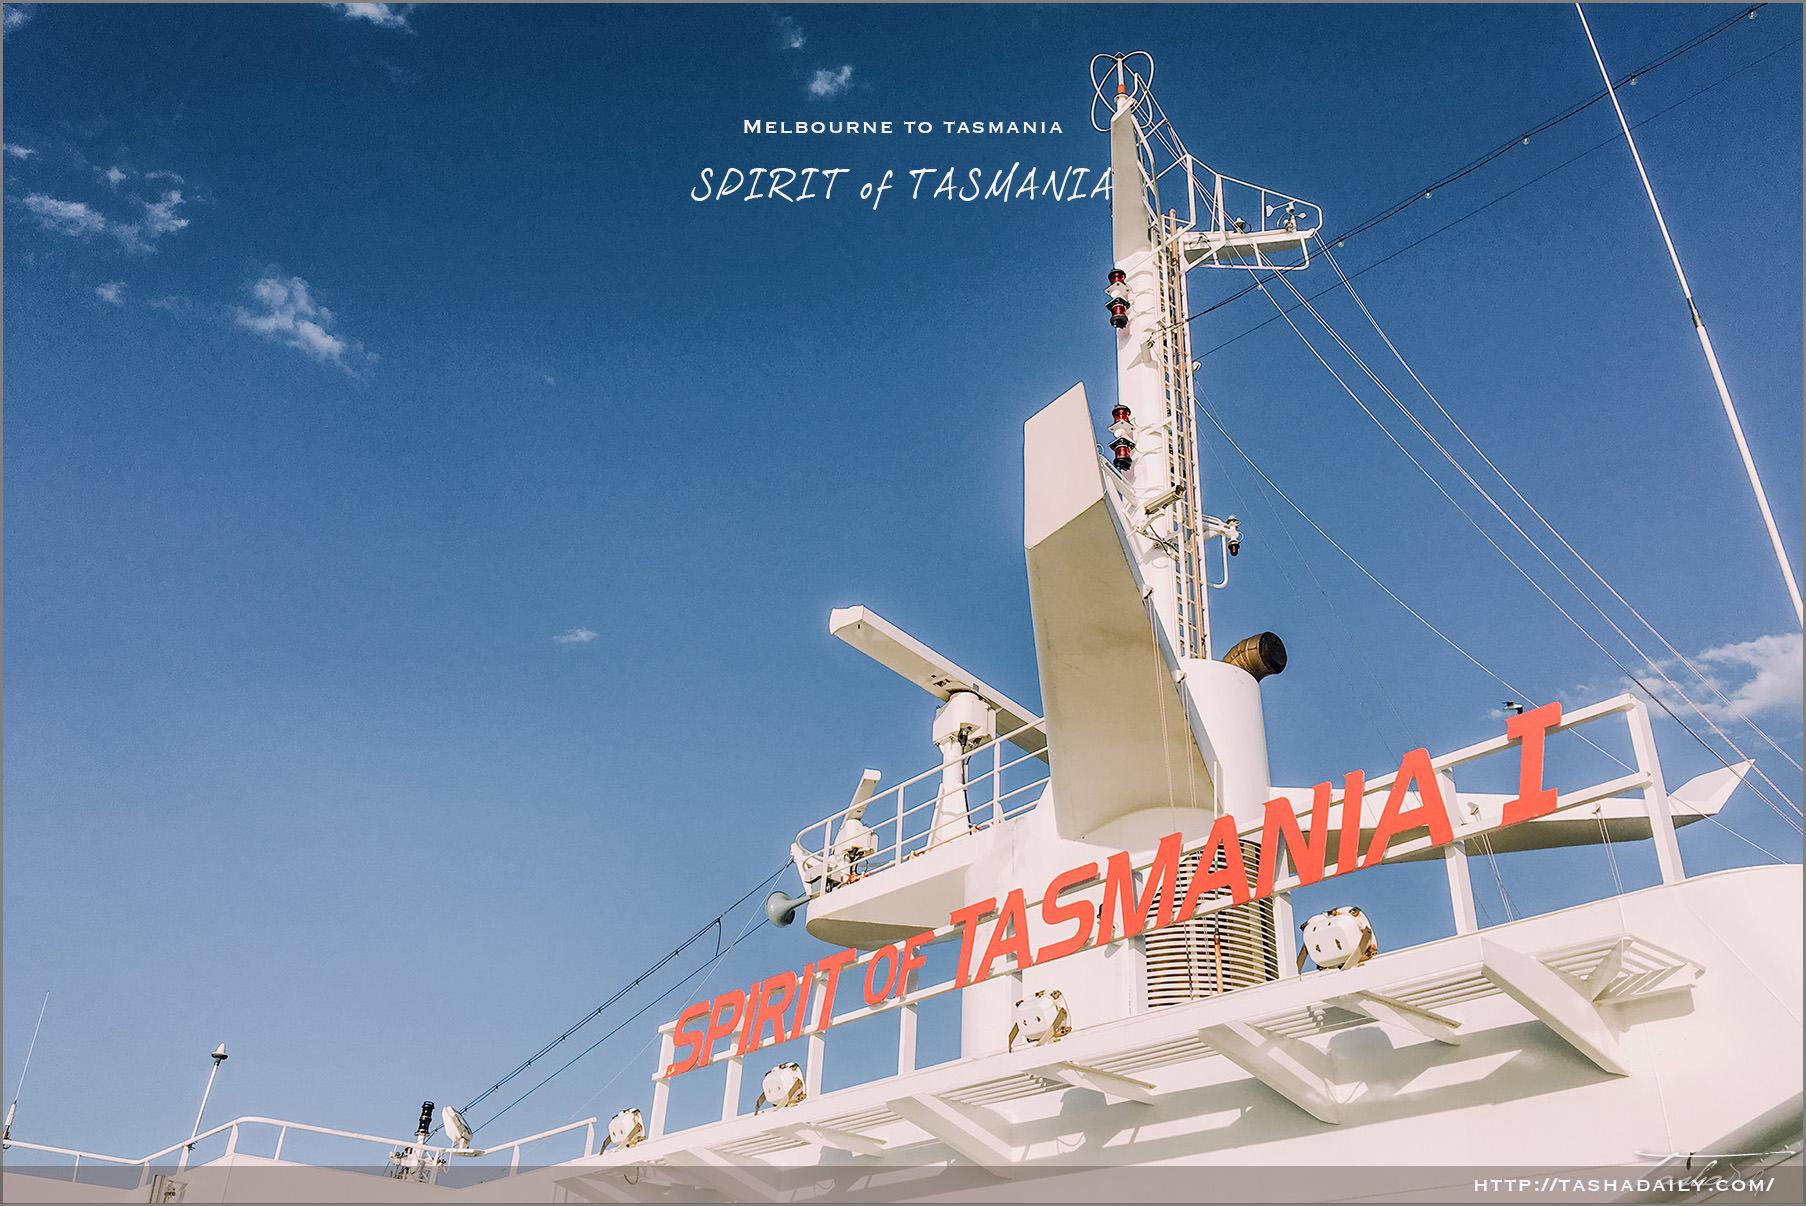 墨爾本到塔斯交通︱SPIRIT of TASMANIA.精神號~往來墨爾本與塔斯的海上交通